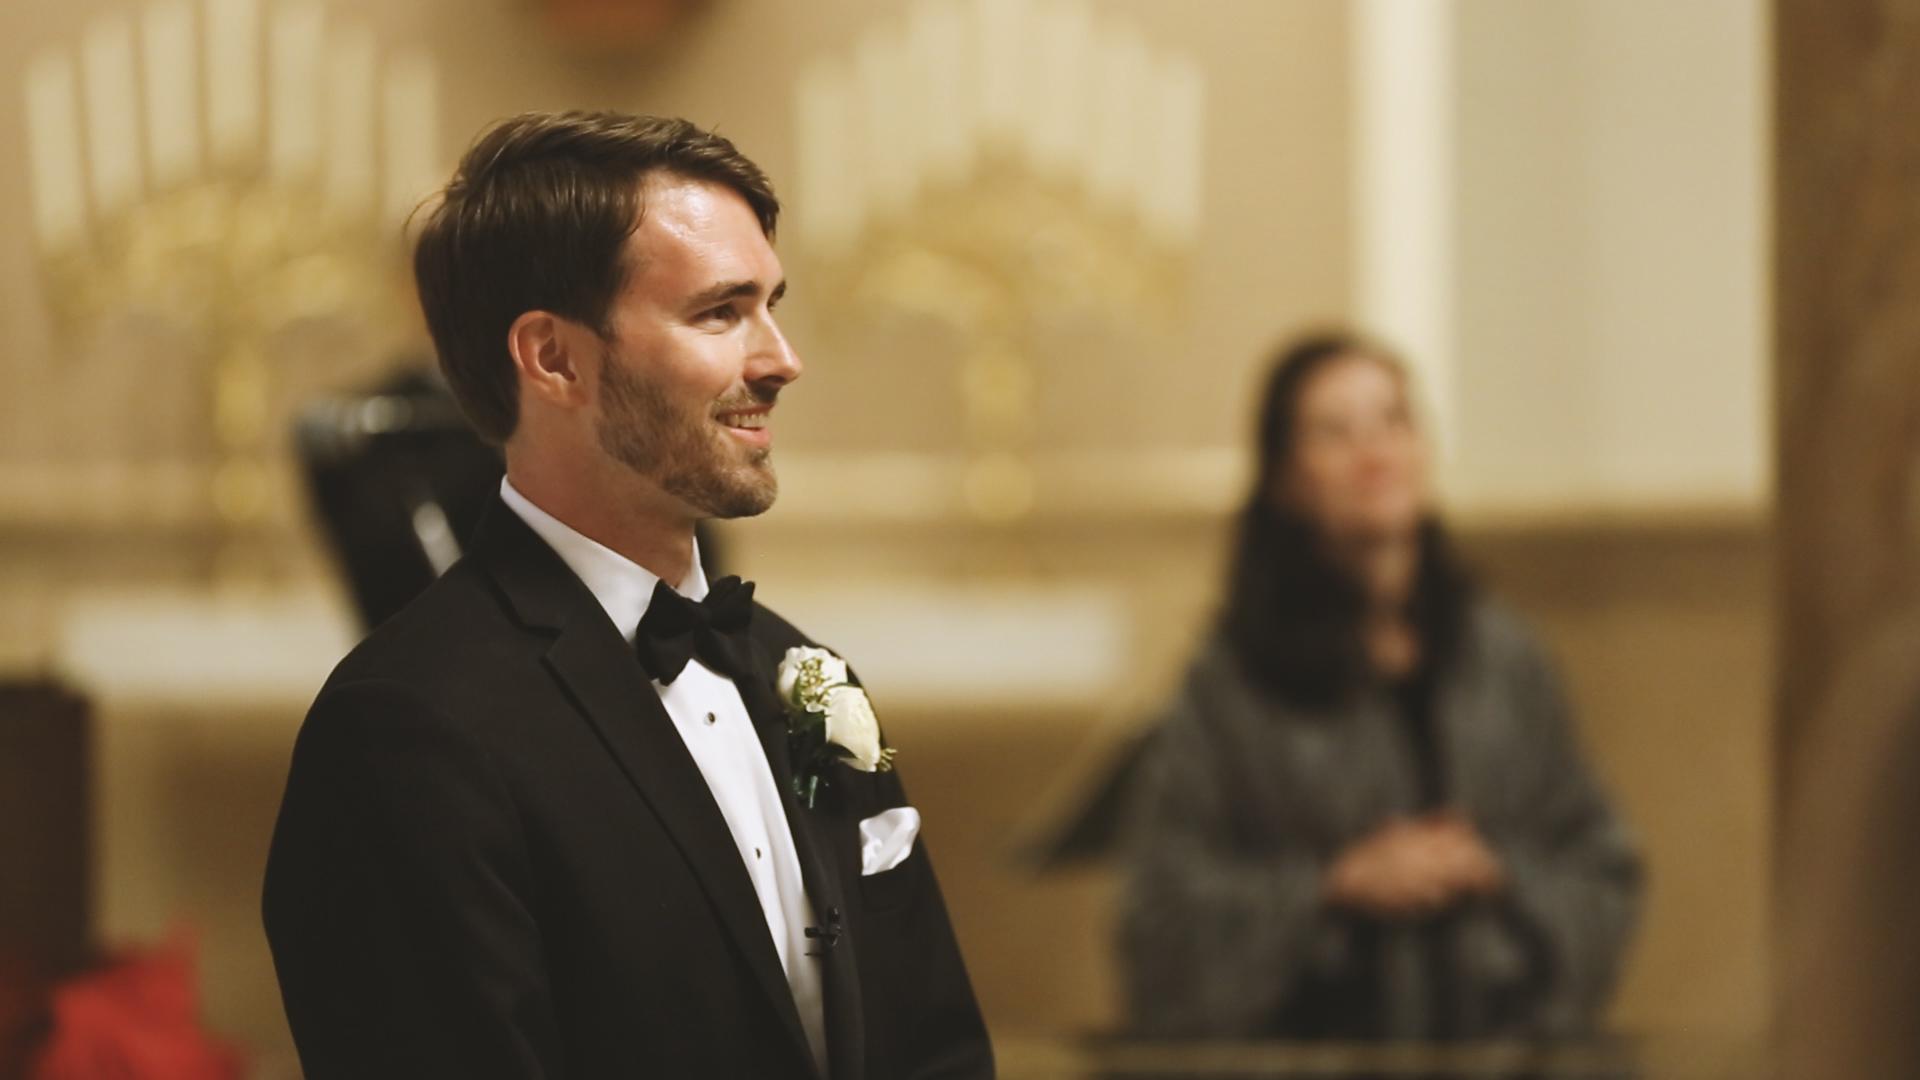 Groom Seeing Bride - Bride Film